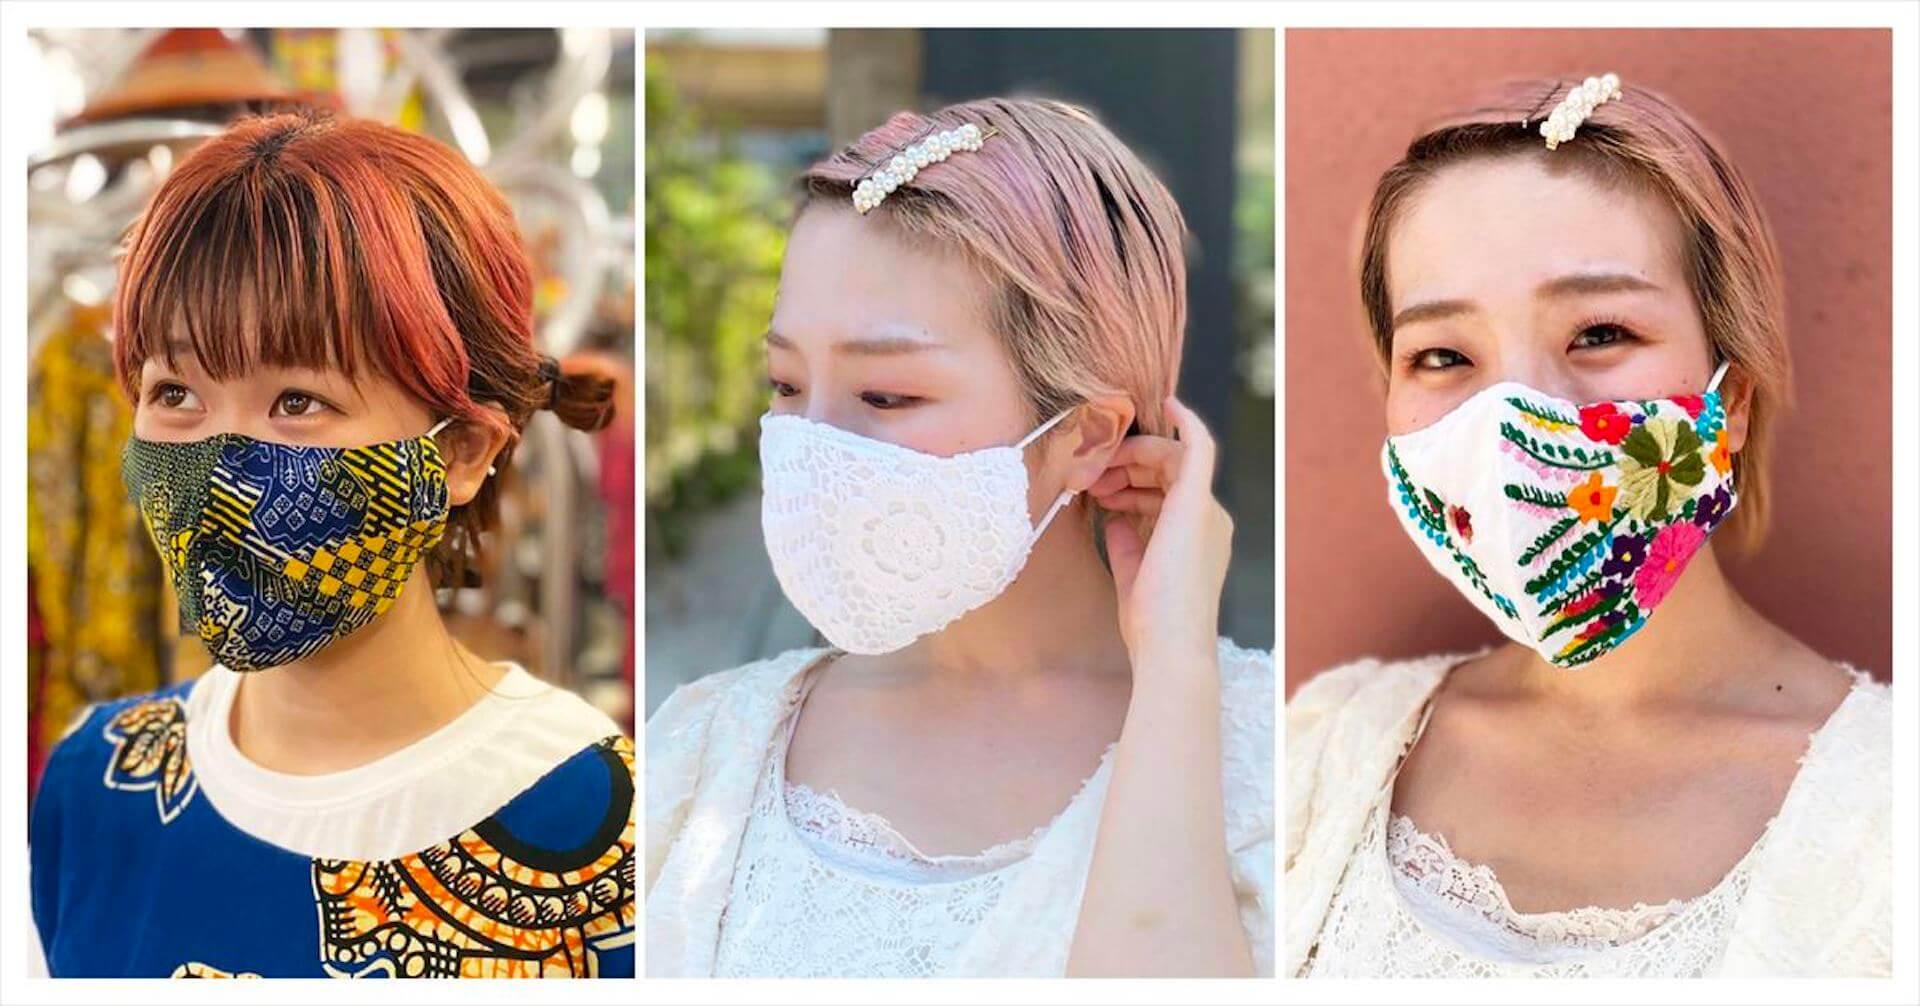 お気に入りの服や生地を持ち込んでマスクを作ろう!進化型古着屋・森がオーダーメイドマスクの受注サービスを開始 lf200619_mask_mori_06